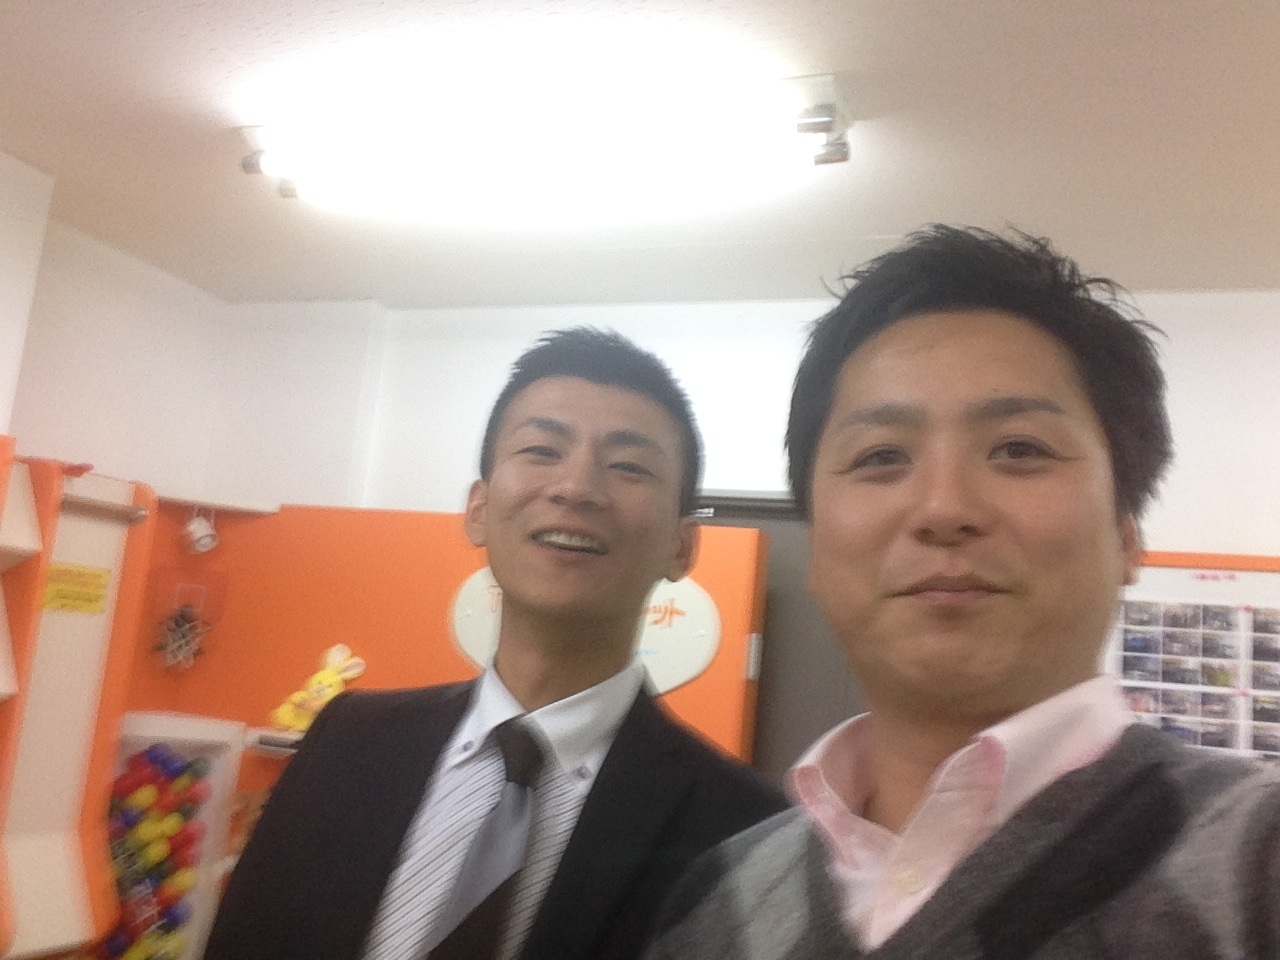 11月7日(金)トミーアウトレット☆グッチーブログ☆軽自動車・_b0127002_20295383.jpg